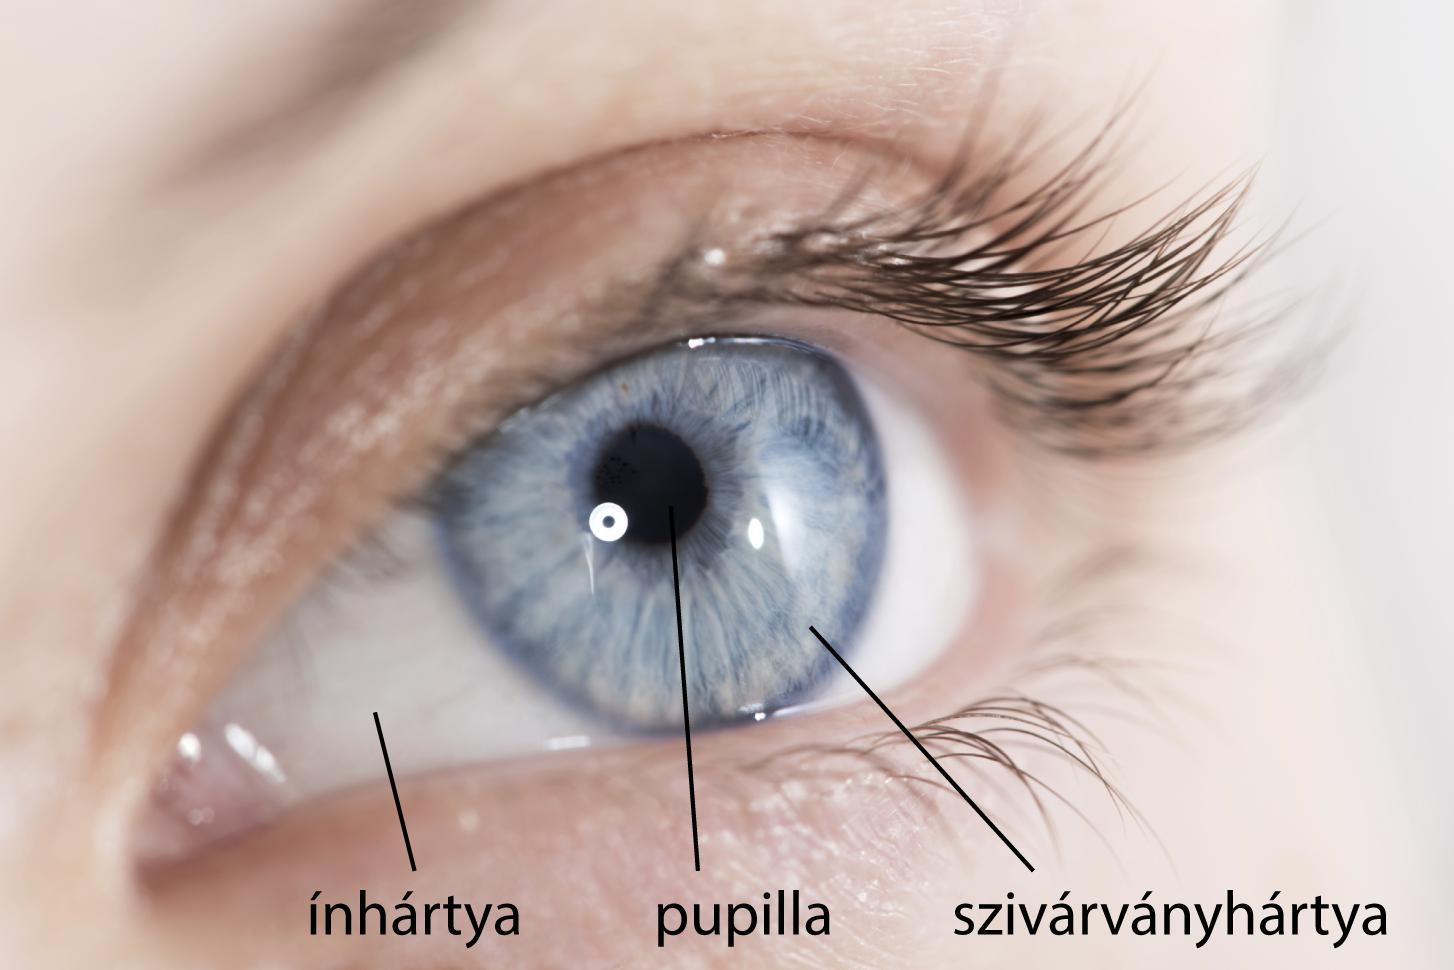 szülés látással mínusz 8 phoropter látási teszt